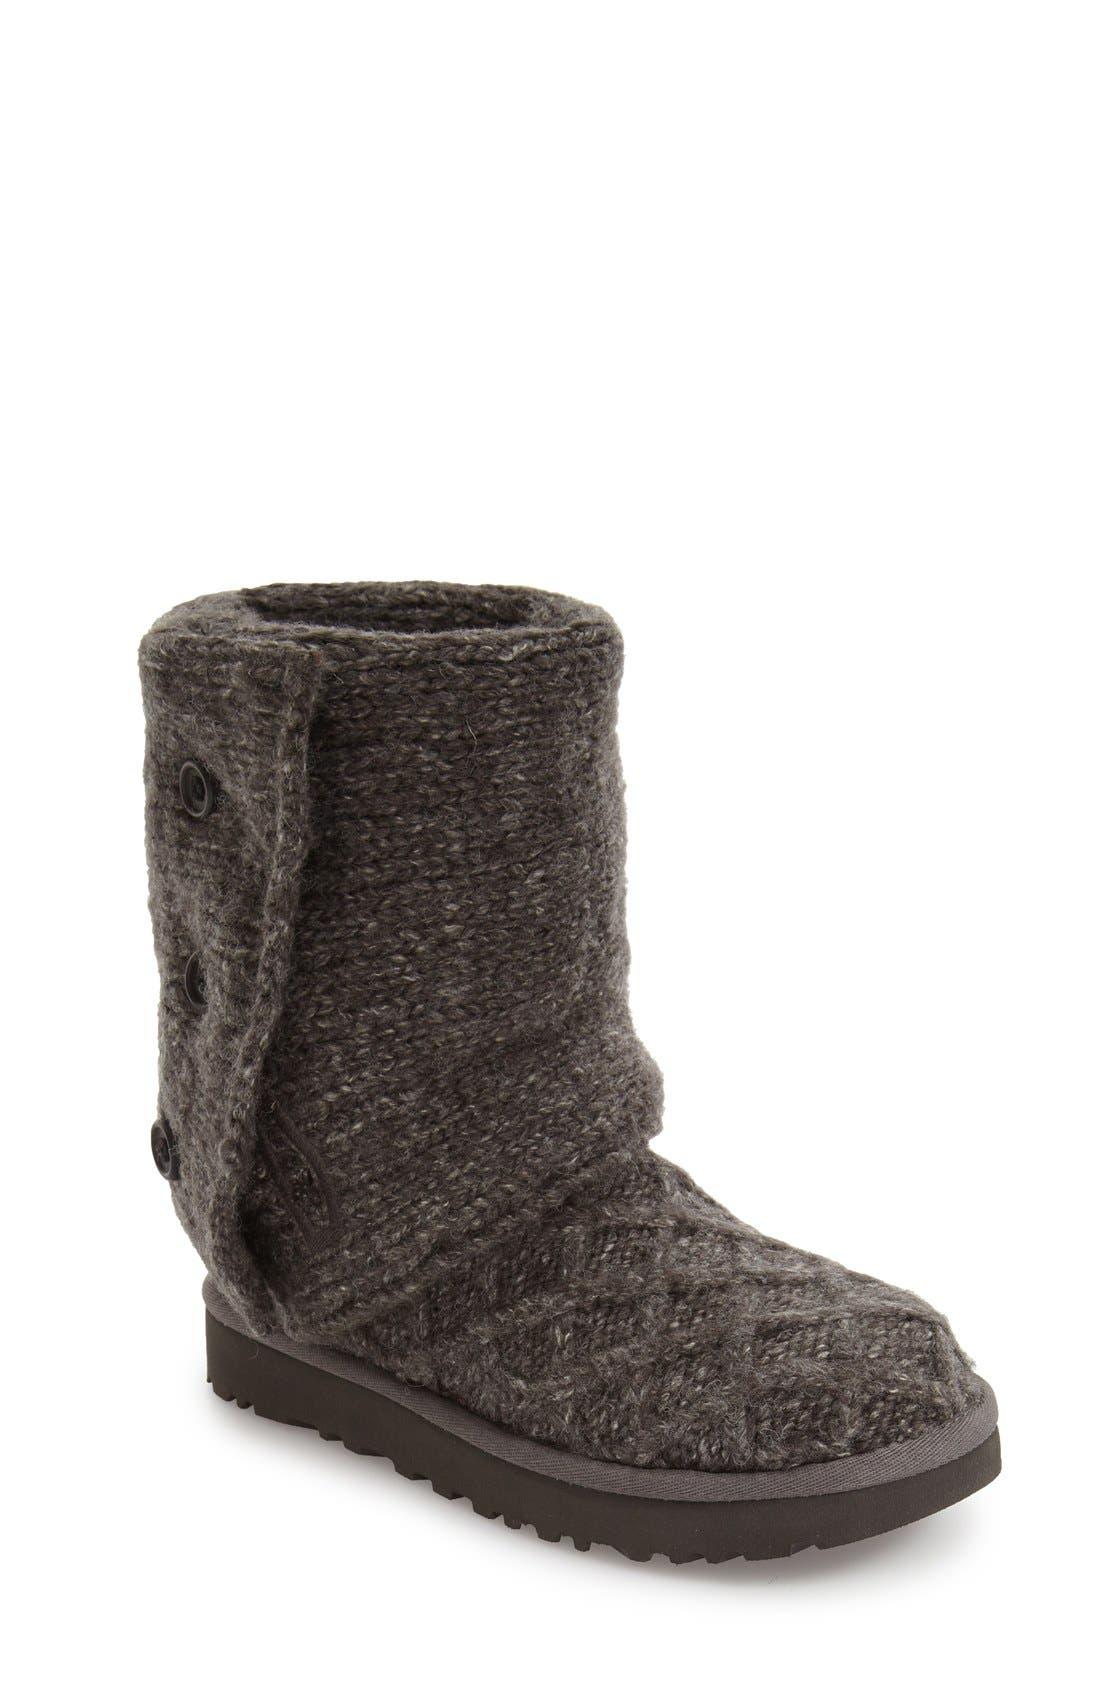 Alternate Image 1 Selected - UGG® Lattice Cardy II Boot (Women)